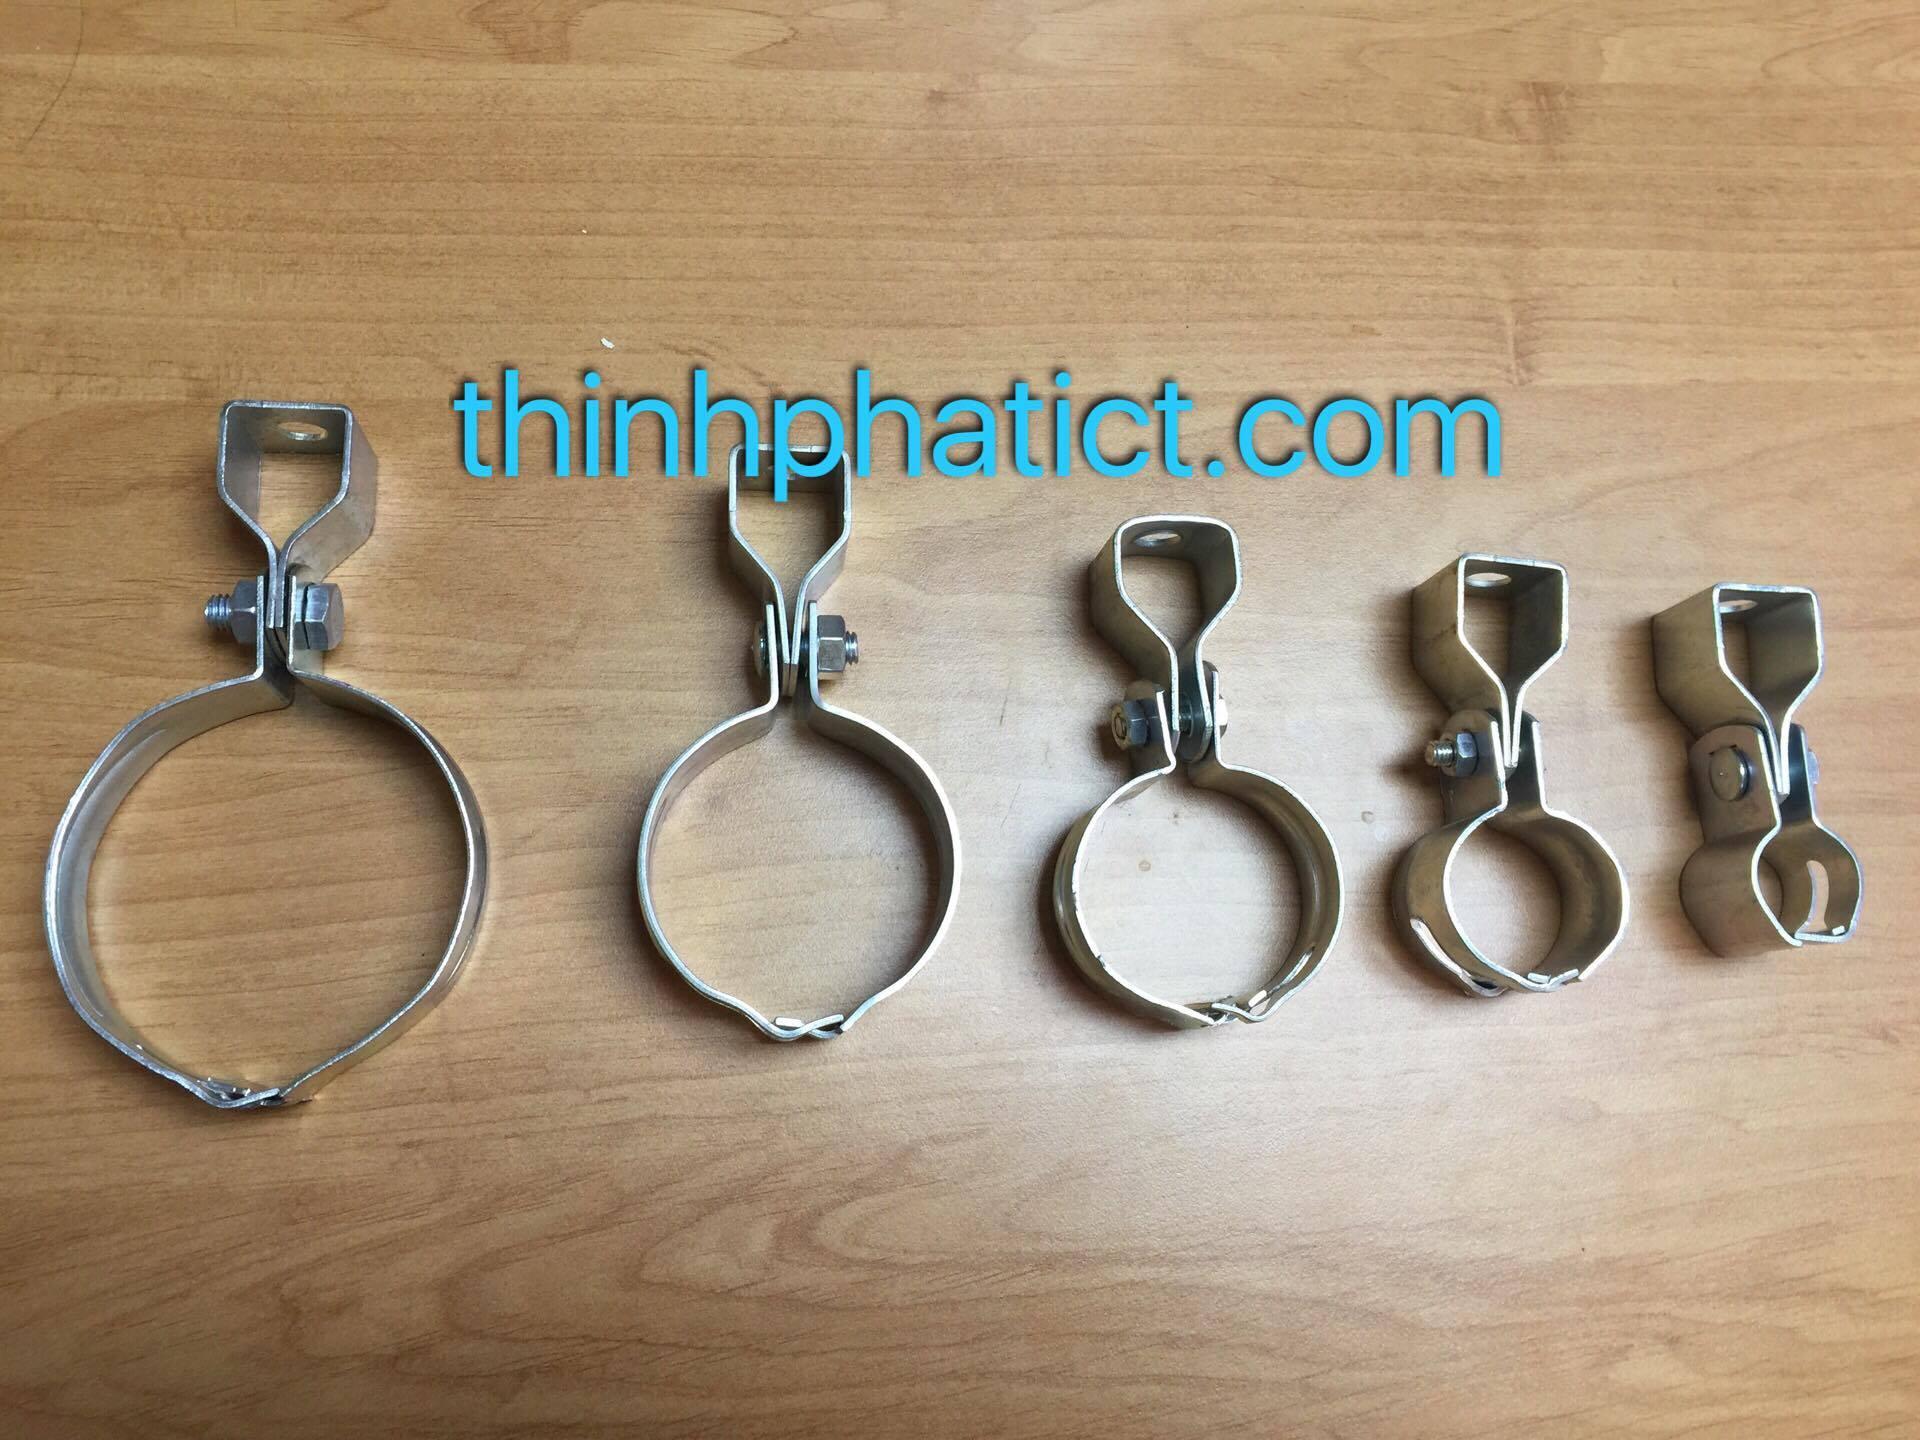 dai-treo-ong-Thinh-Phat